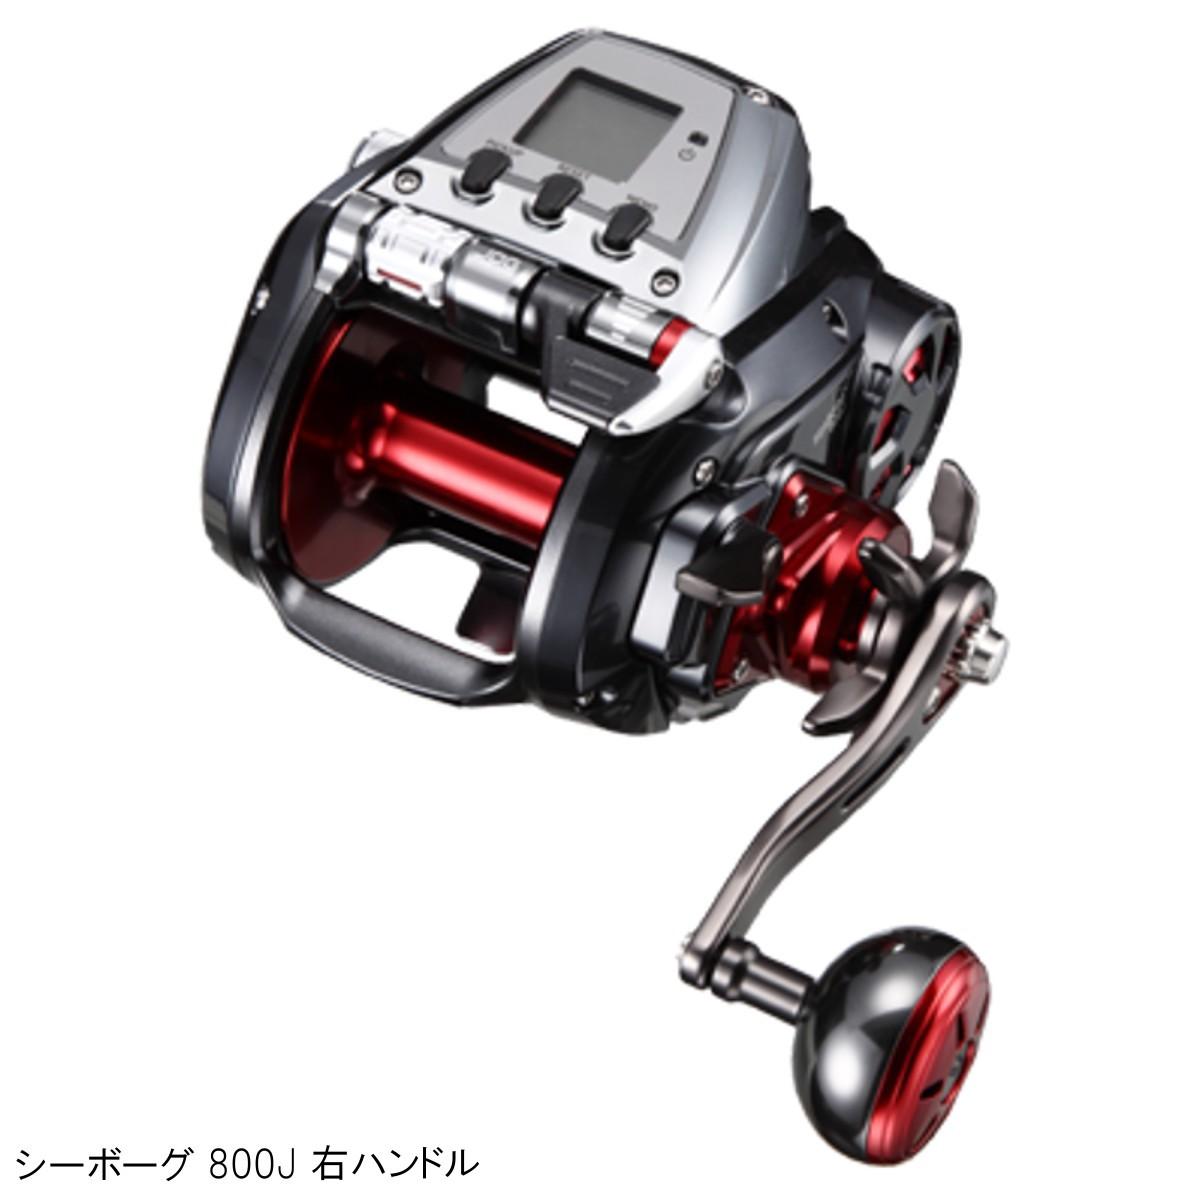 ダイワ シーボーグ 800J 右ハンドル(東日本店)